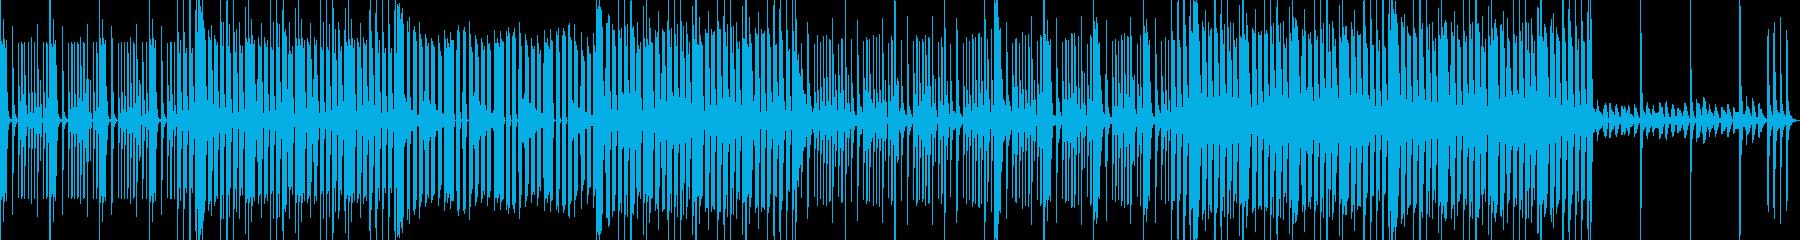 ファンキーでおちゃらけたBGMの再生済みの波形